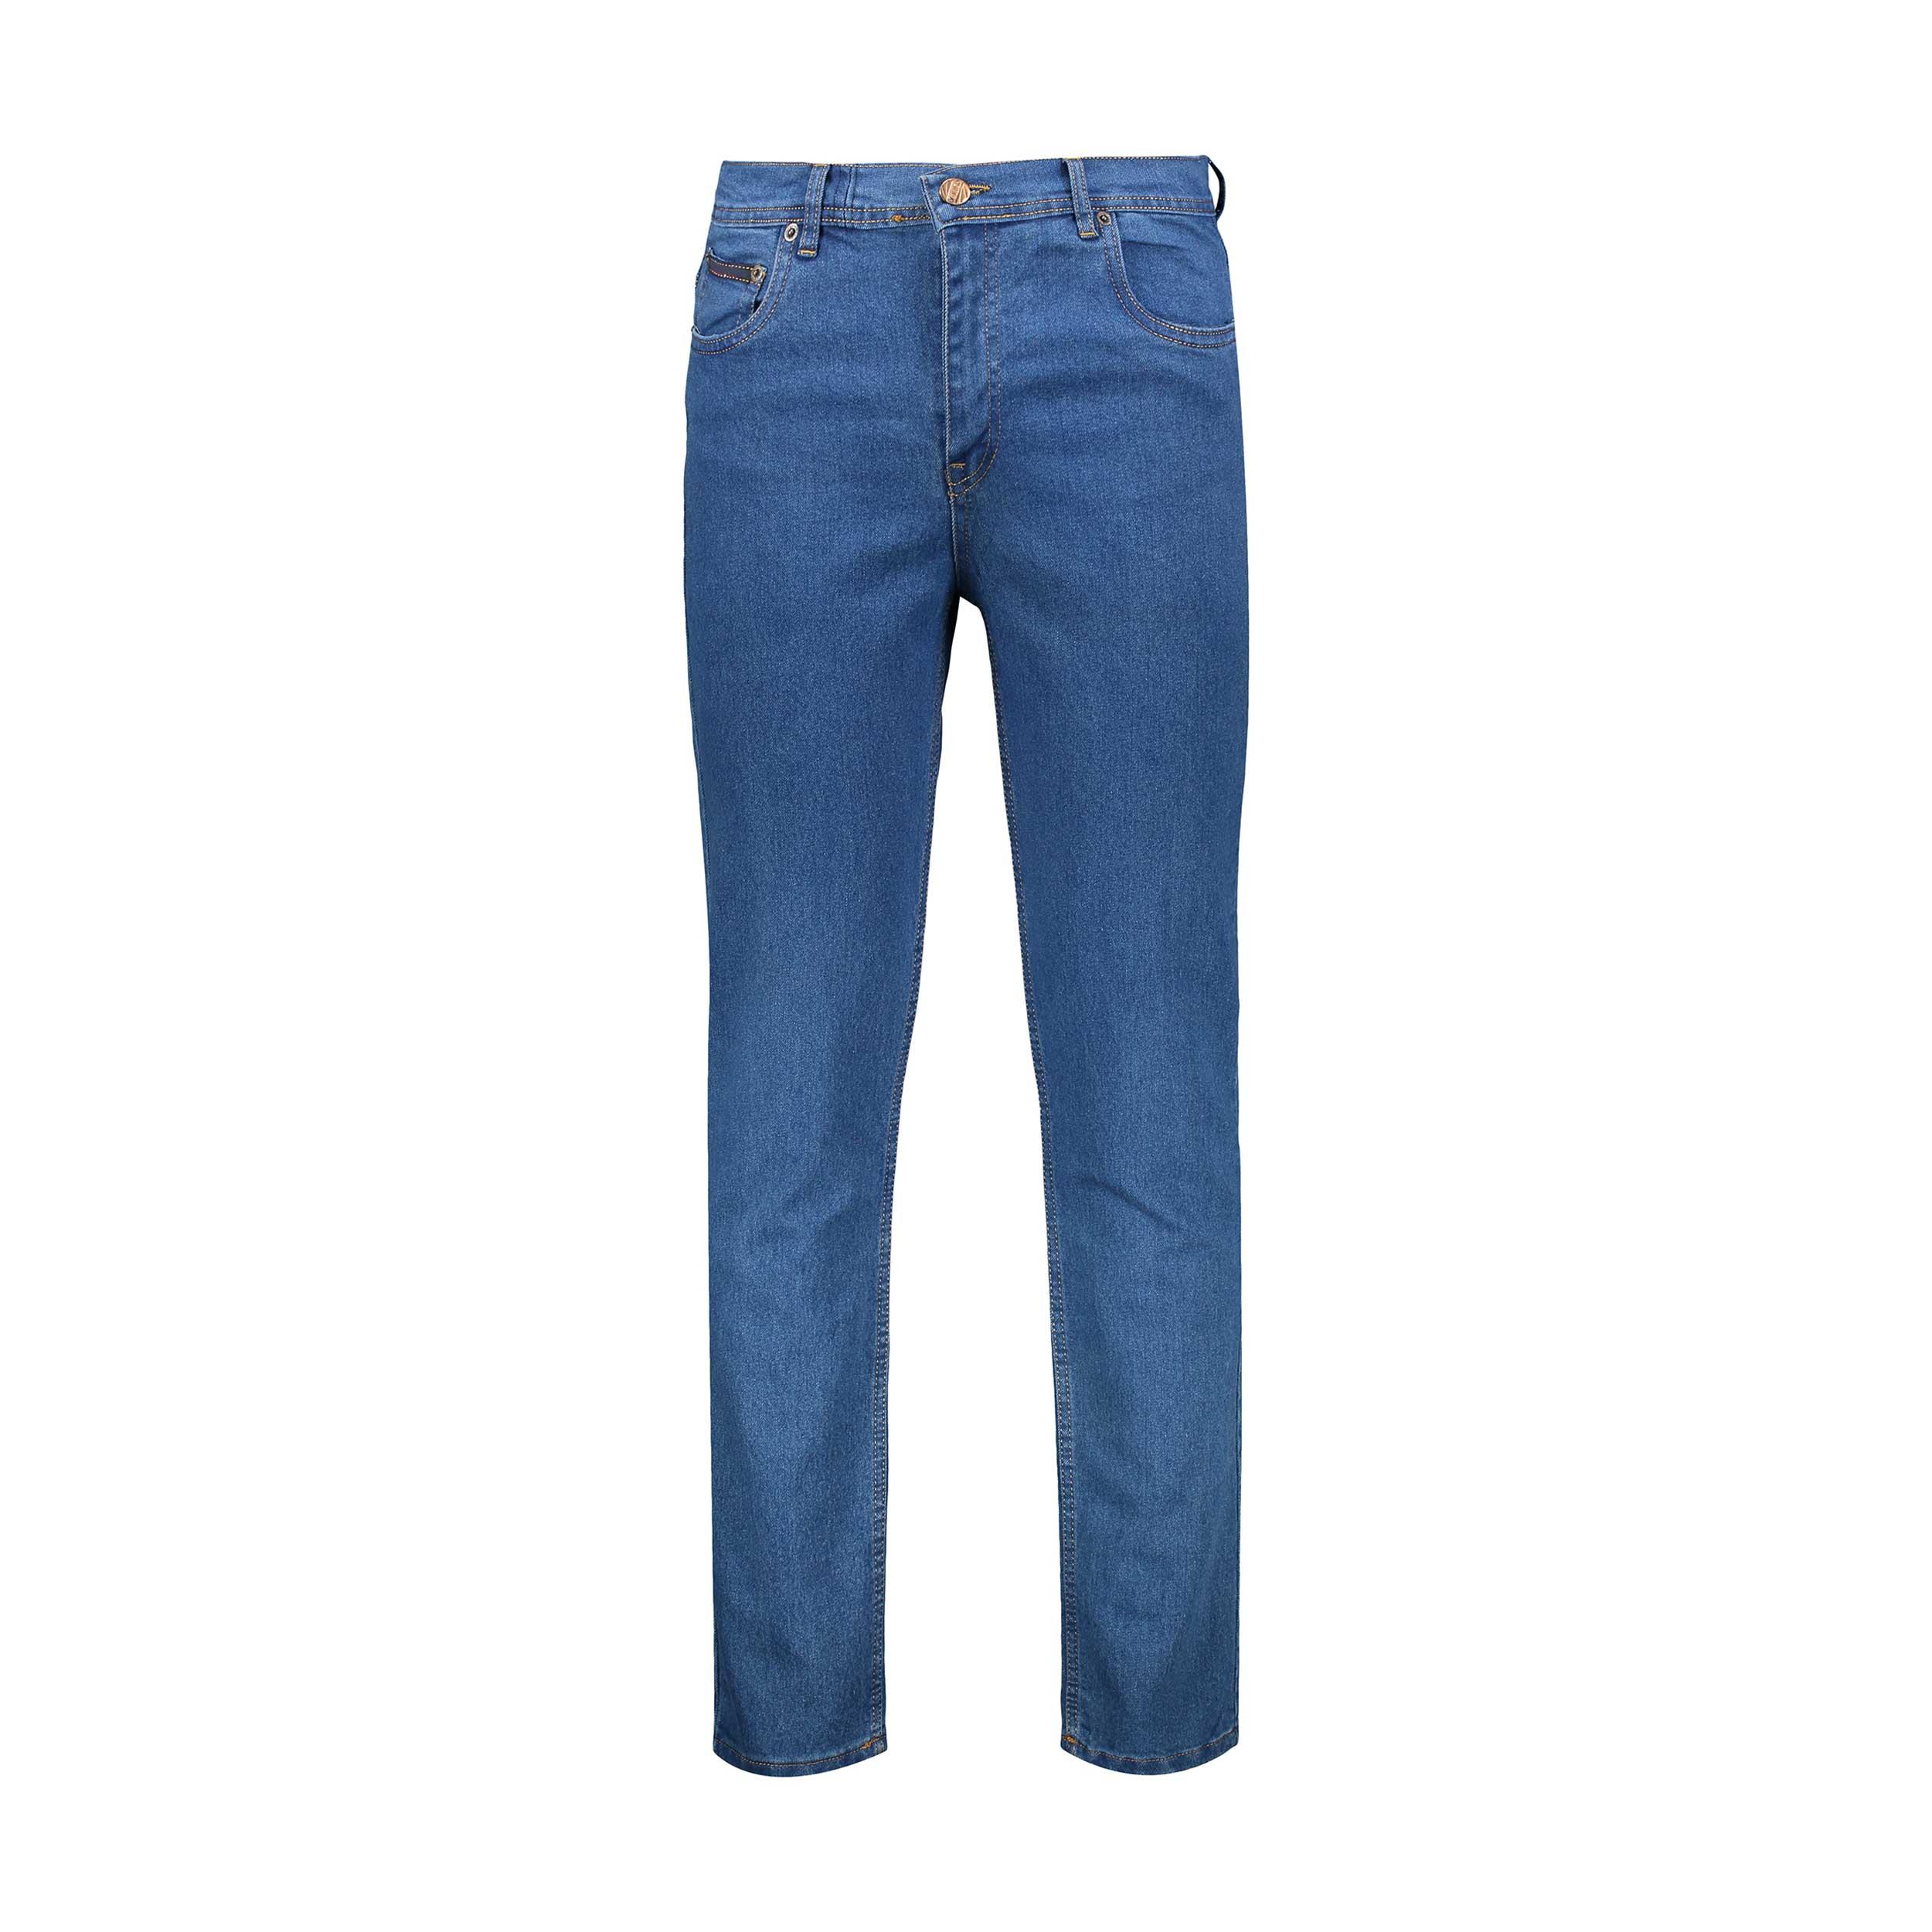 شلوار جین مردانه مدل MO کد M1720-6